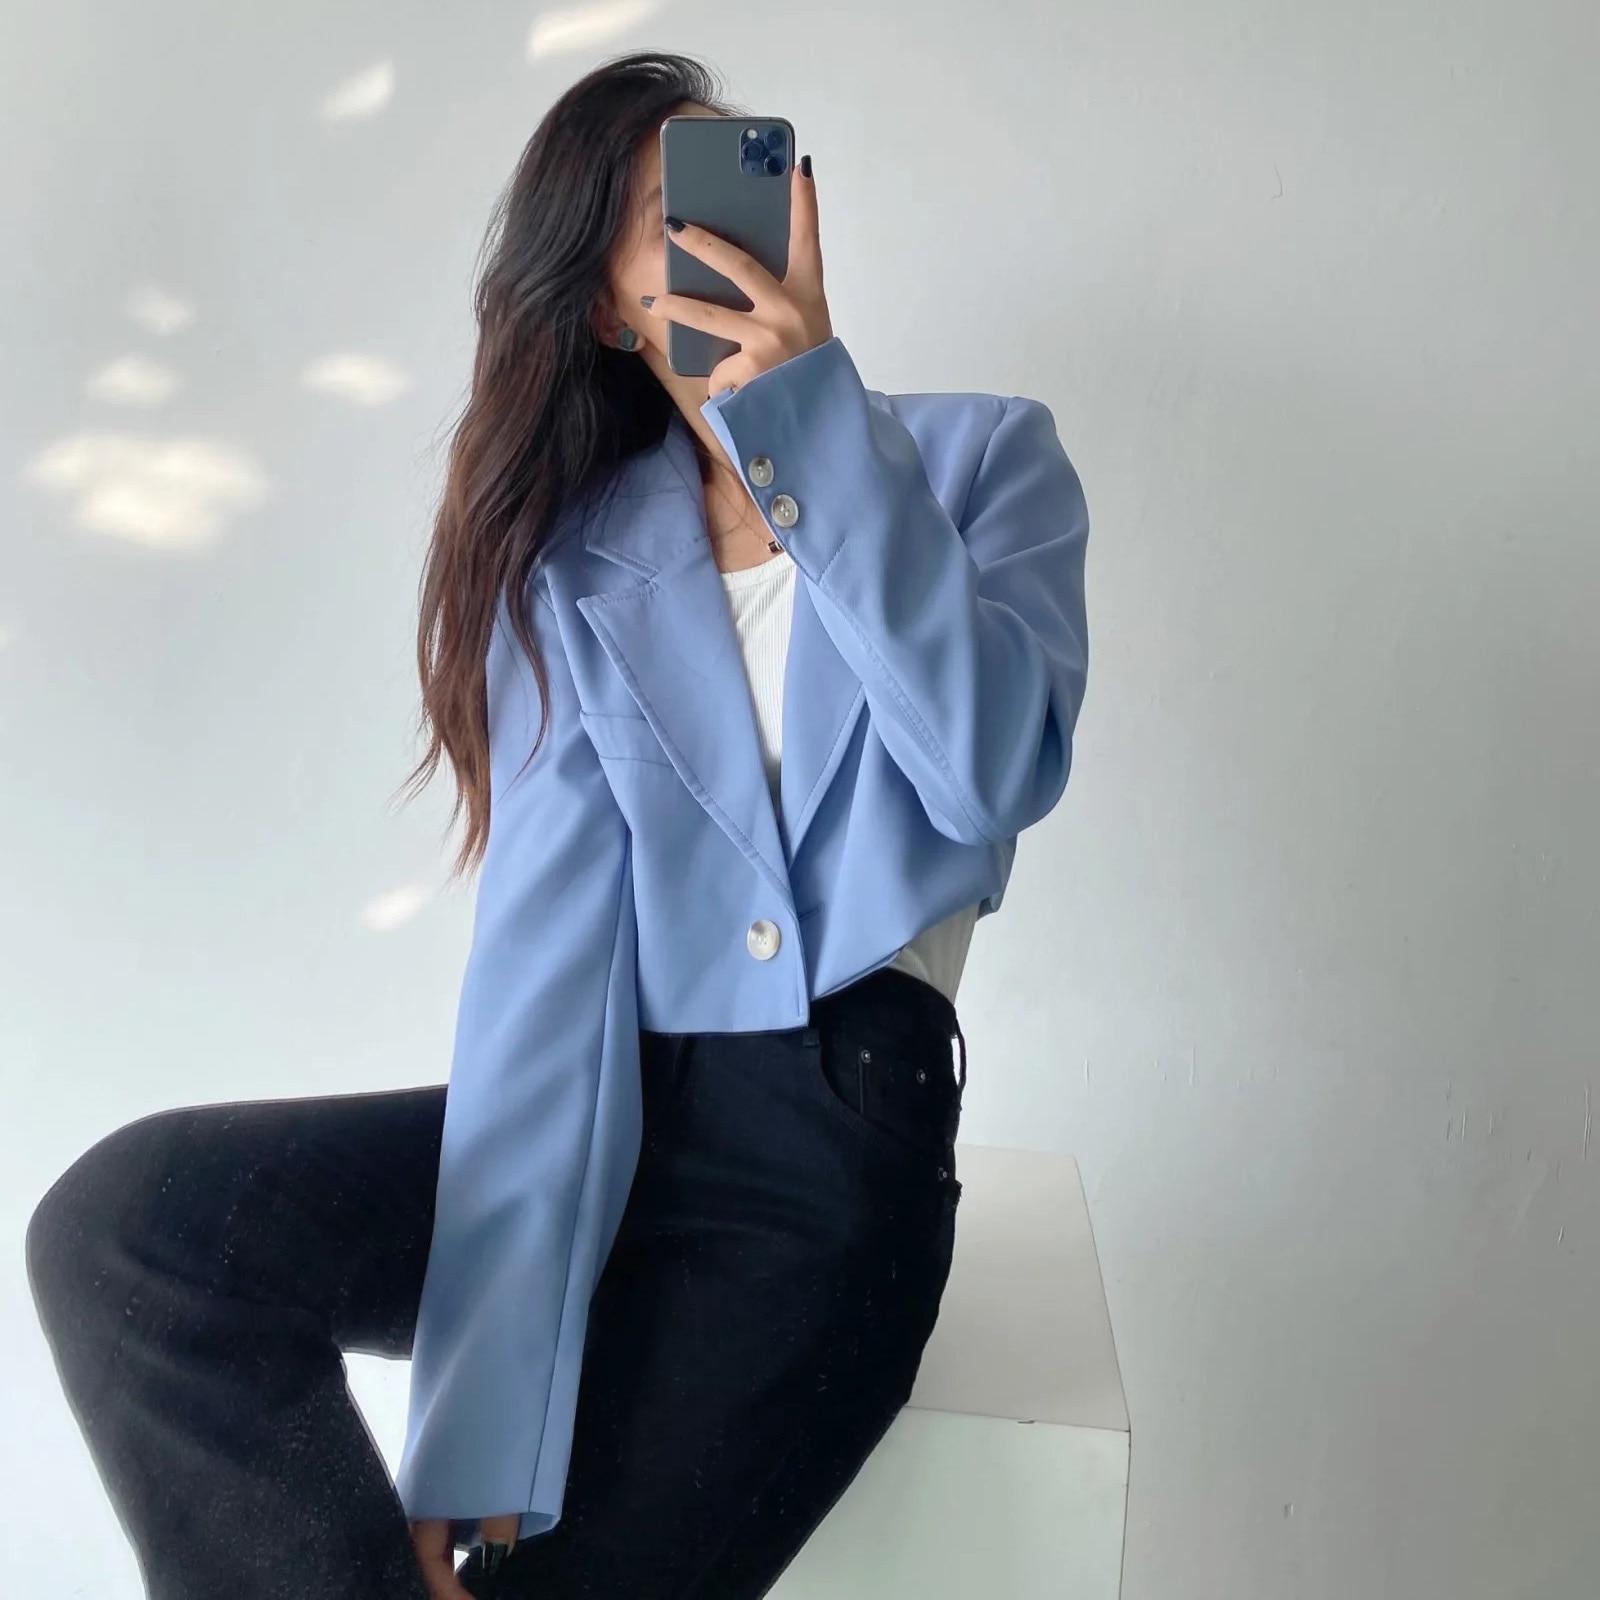 أنيقة الأزرق المرأة عادية اقتصاص سترة زر واحد كم طويل شارع العليا مكتب سيدة شيك ملابس خارجية